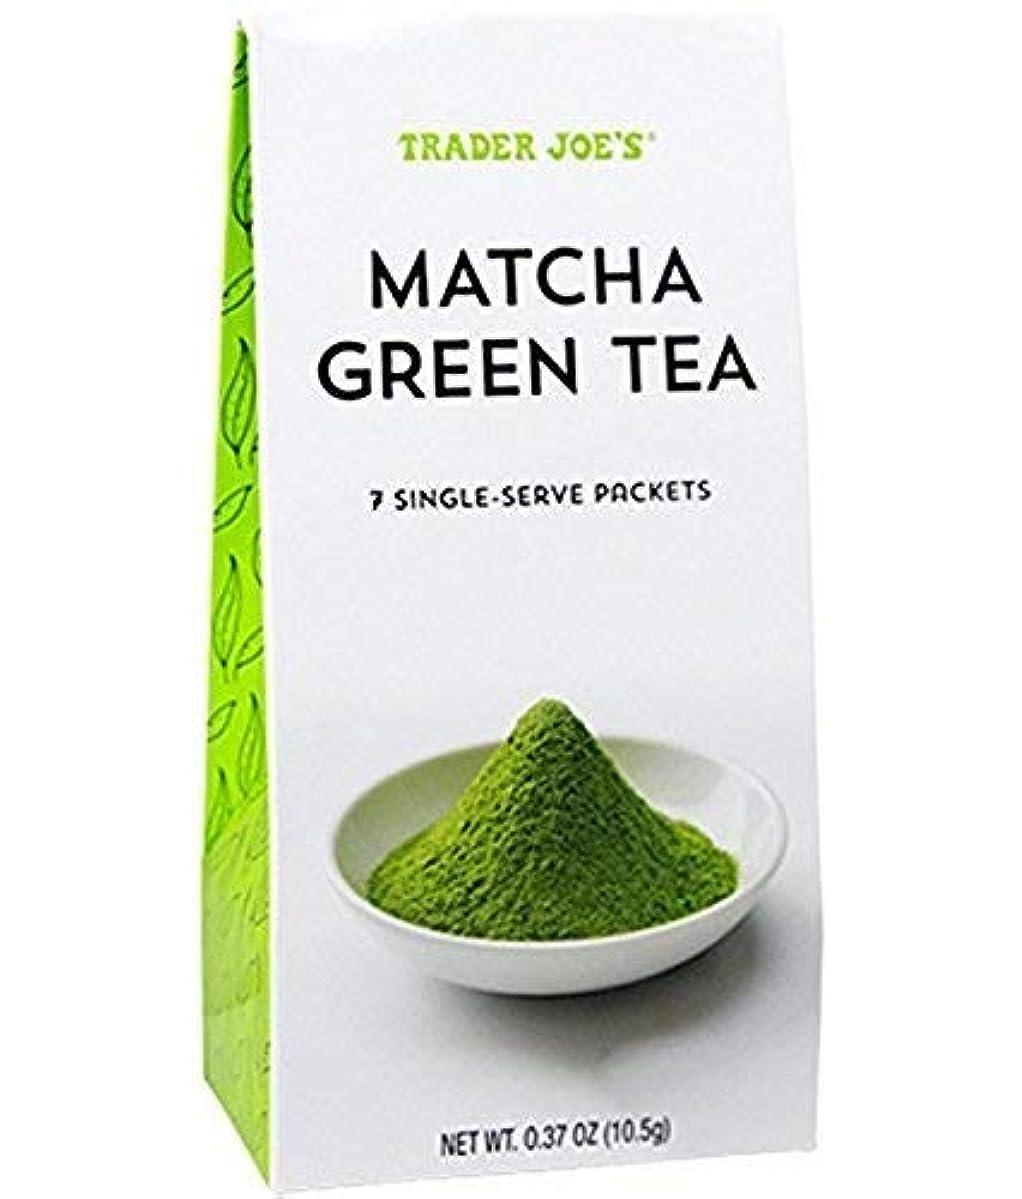 Trader Joe's MATCHA GREEN TEA (2 PACK), SEVEN SINGLE-SERVE PACKETS ANTIOXIDANTS, ENERGY BOOST